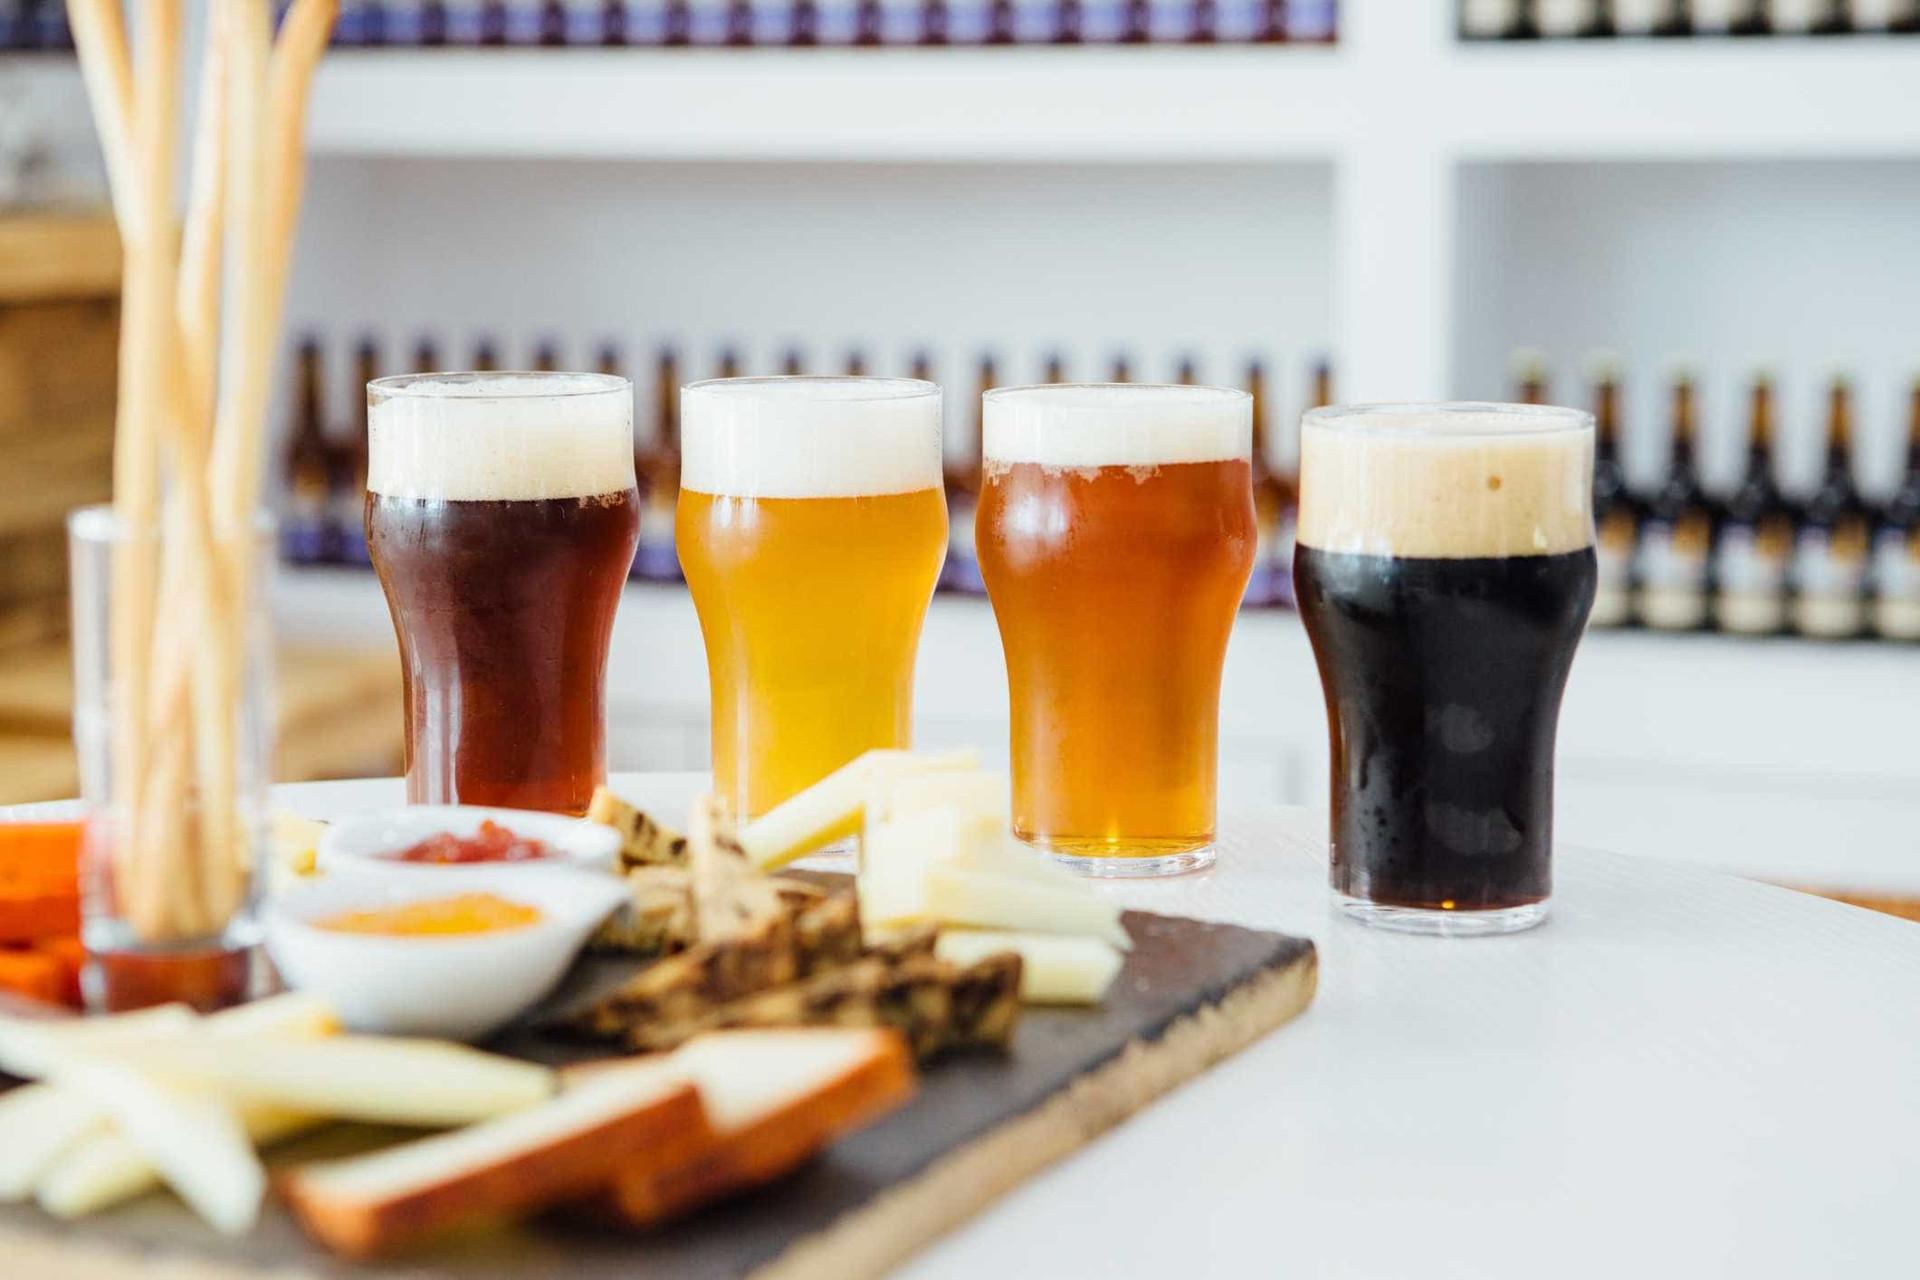 Estas são as metrópoles com cerveja mais barata. Lisboa na lista